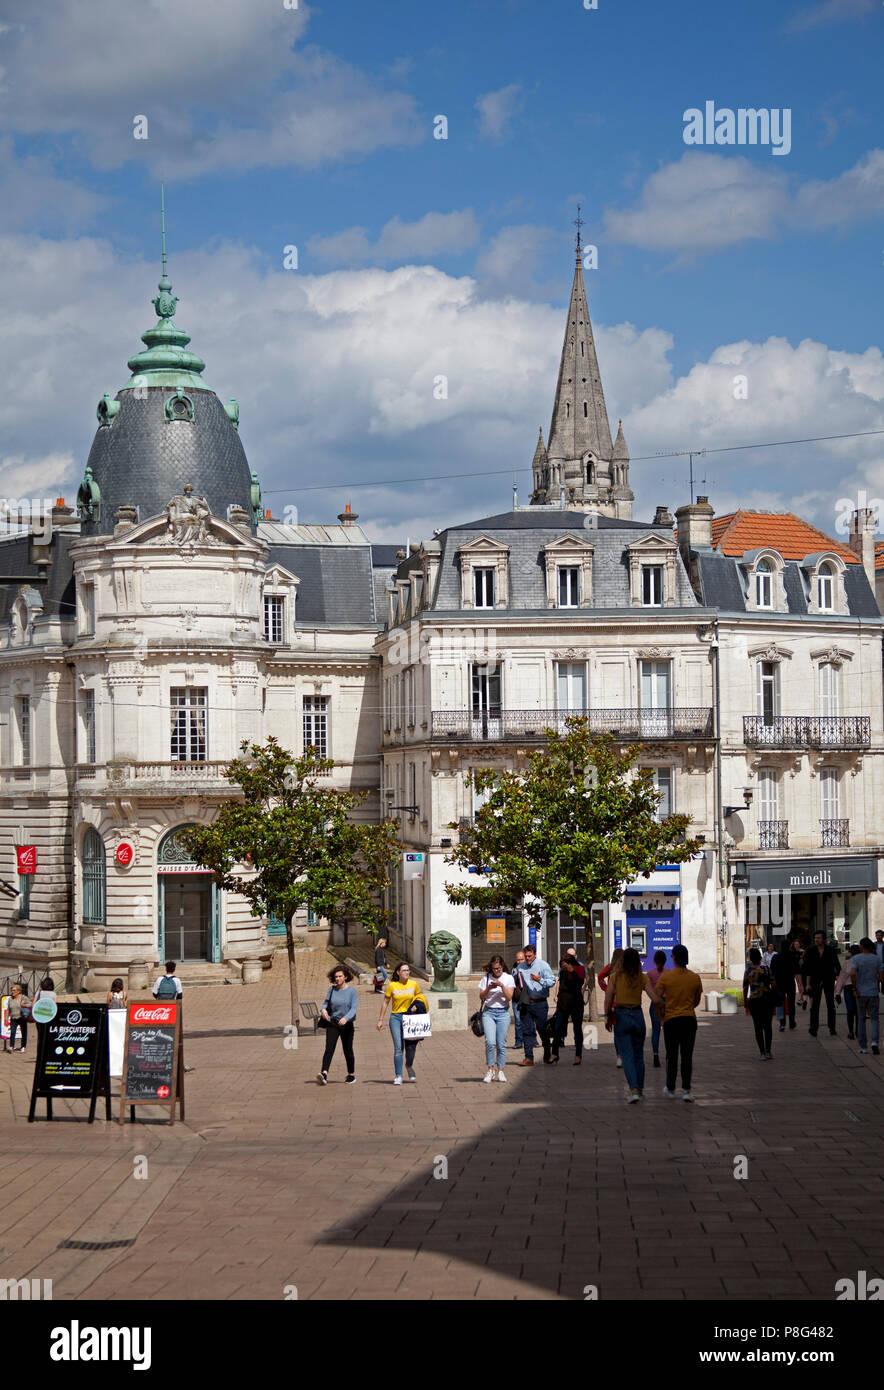 Angoulême Charente Abteilung, in der Nouvelle-Aquitaine Region im Südwesten Frankreichs, Europa Stockbild